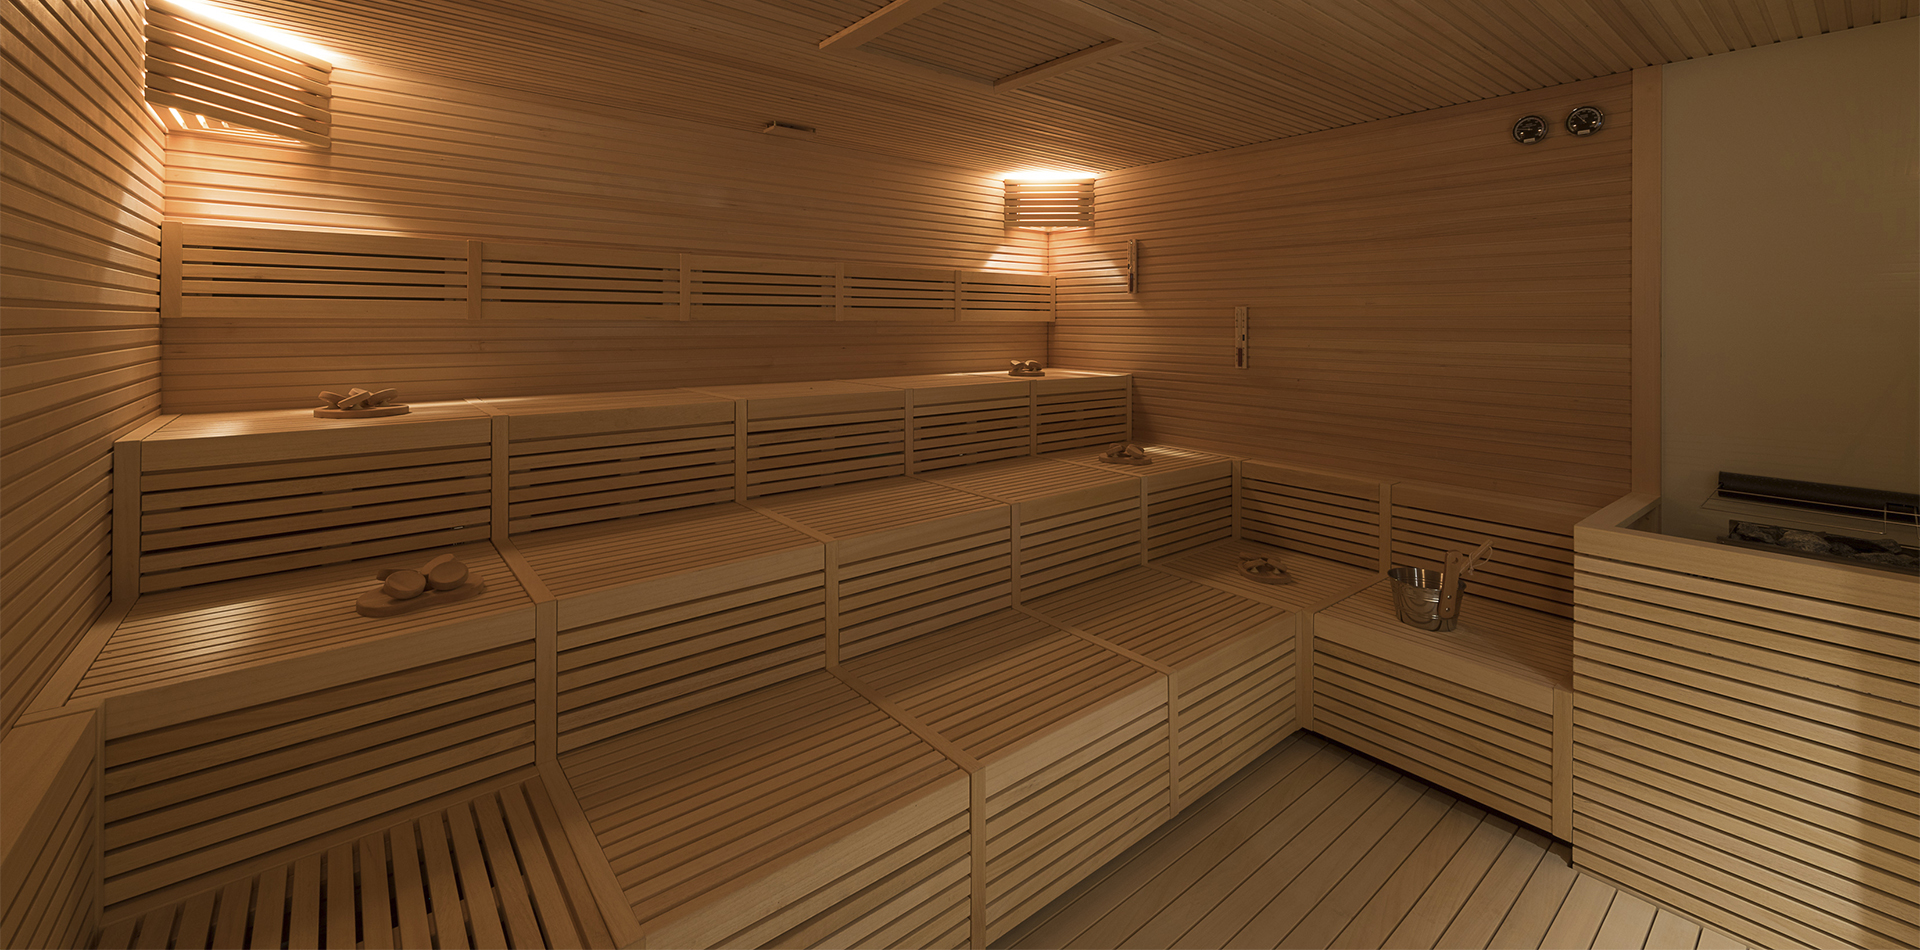 MSC Meraviglia, MSC Aurea Spa - Sauna